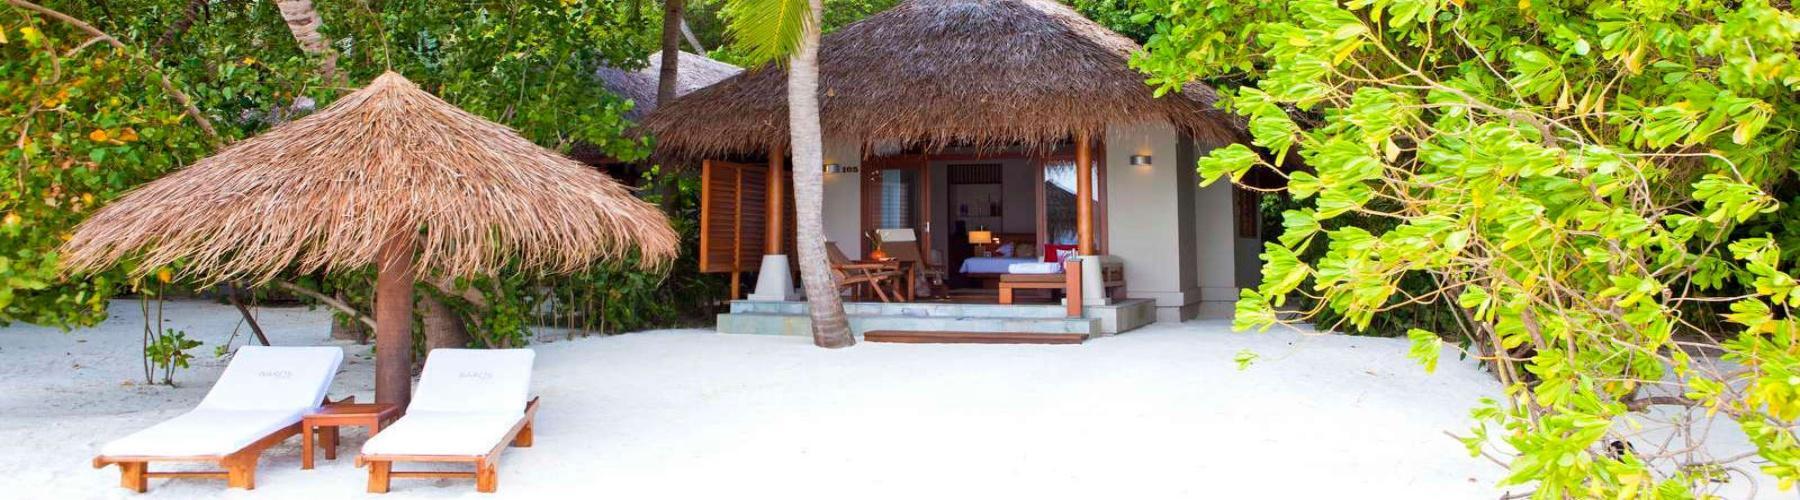 Мальдивы это райский уголок для отдыха